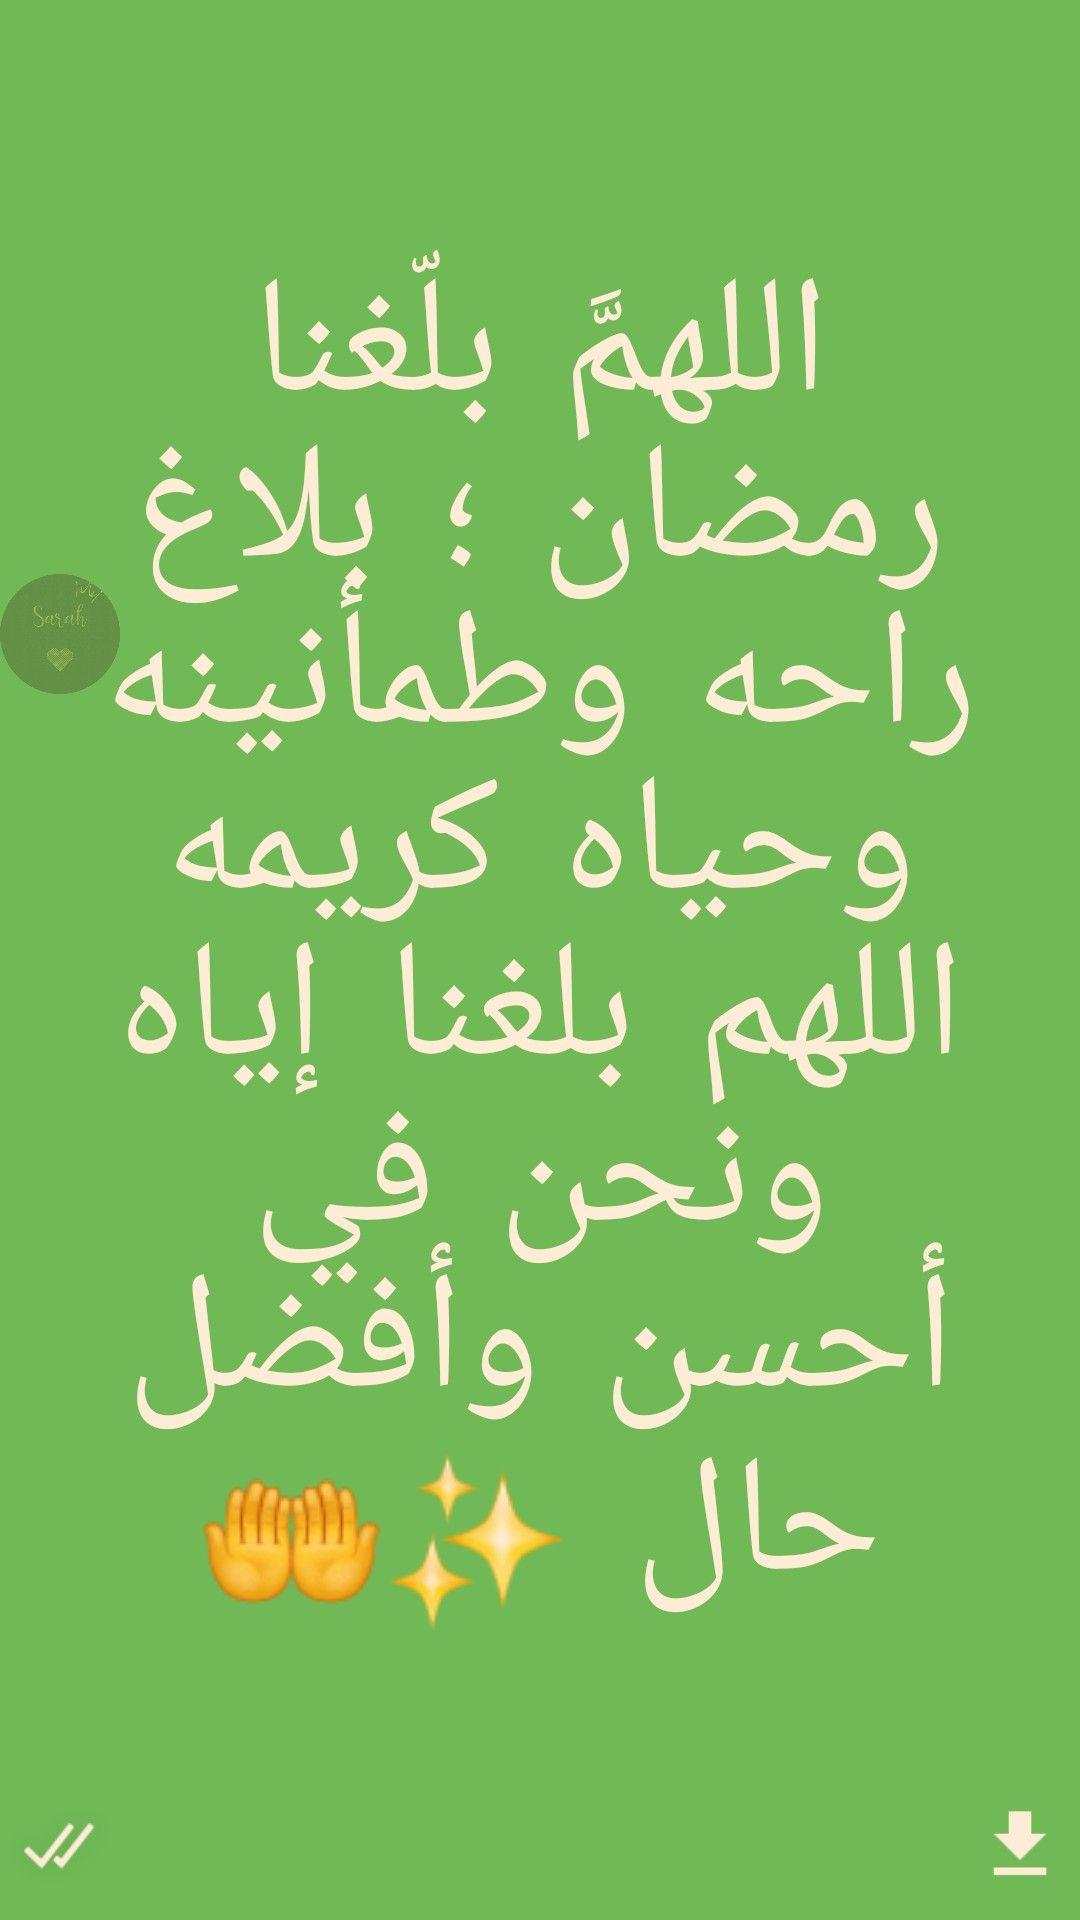 اللهم بل غنا رمضان بلاغ راحه وطمأنينه وحياه كريمه اللهم بلغنا إياه ونحن في أحسن وأفضل حال Words Arabic Calligraphy Calligraphy